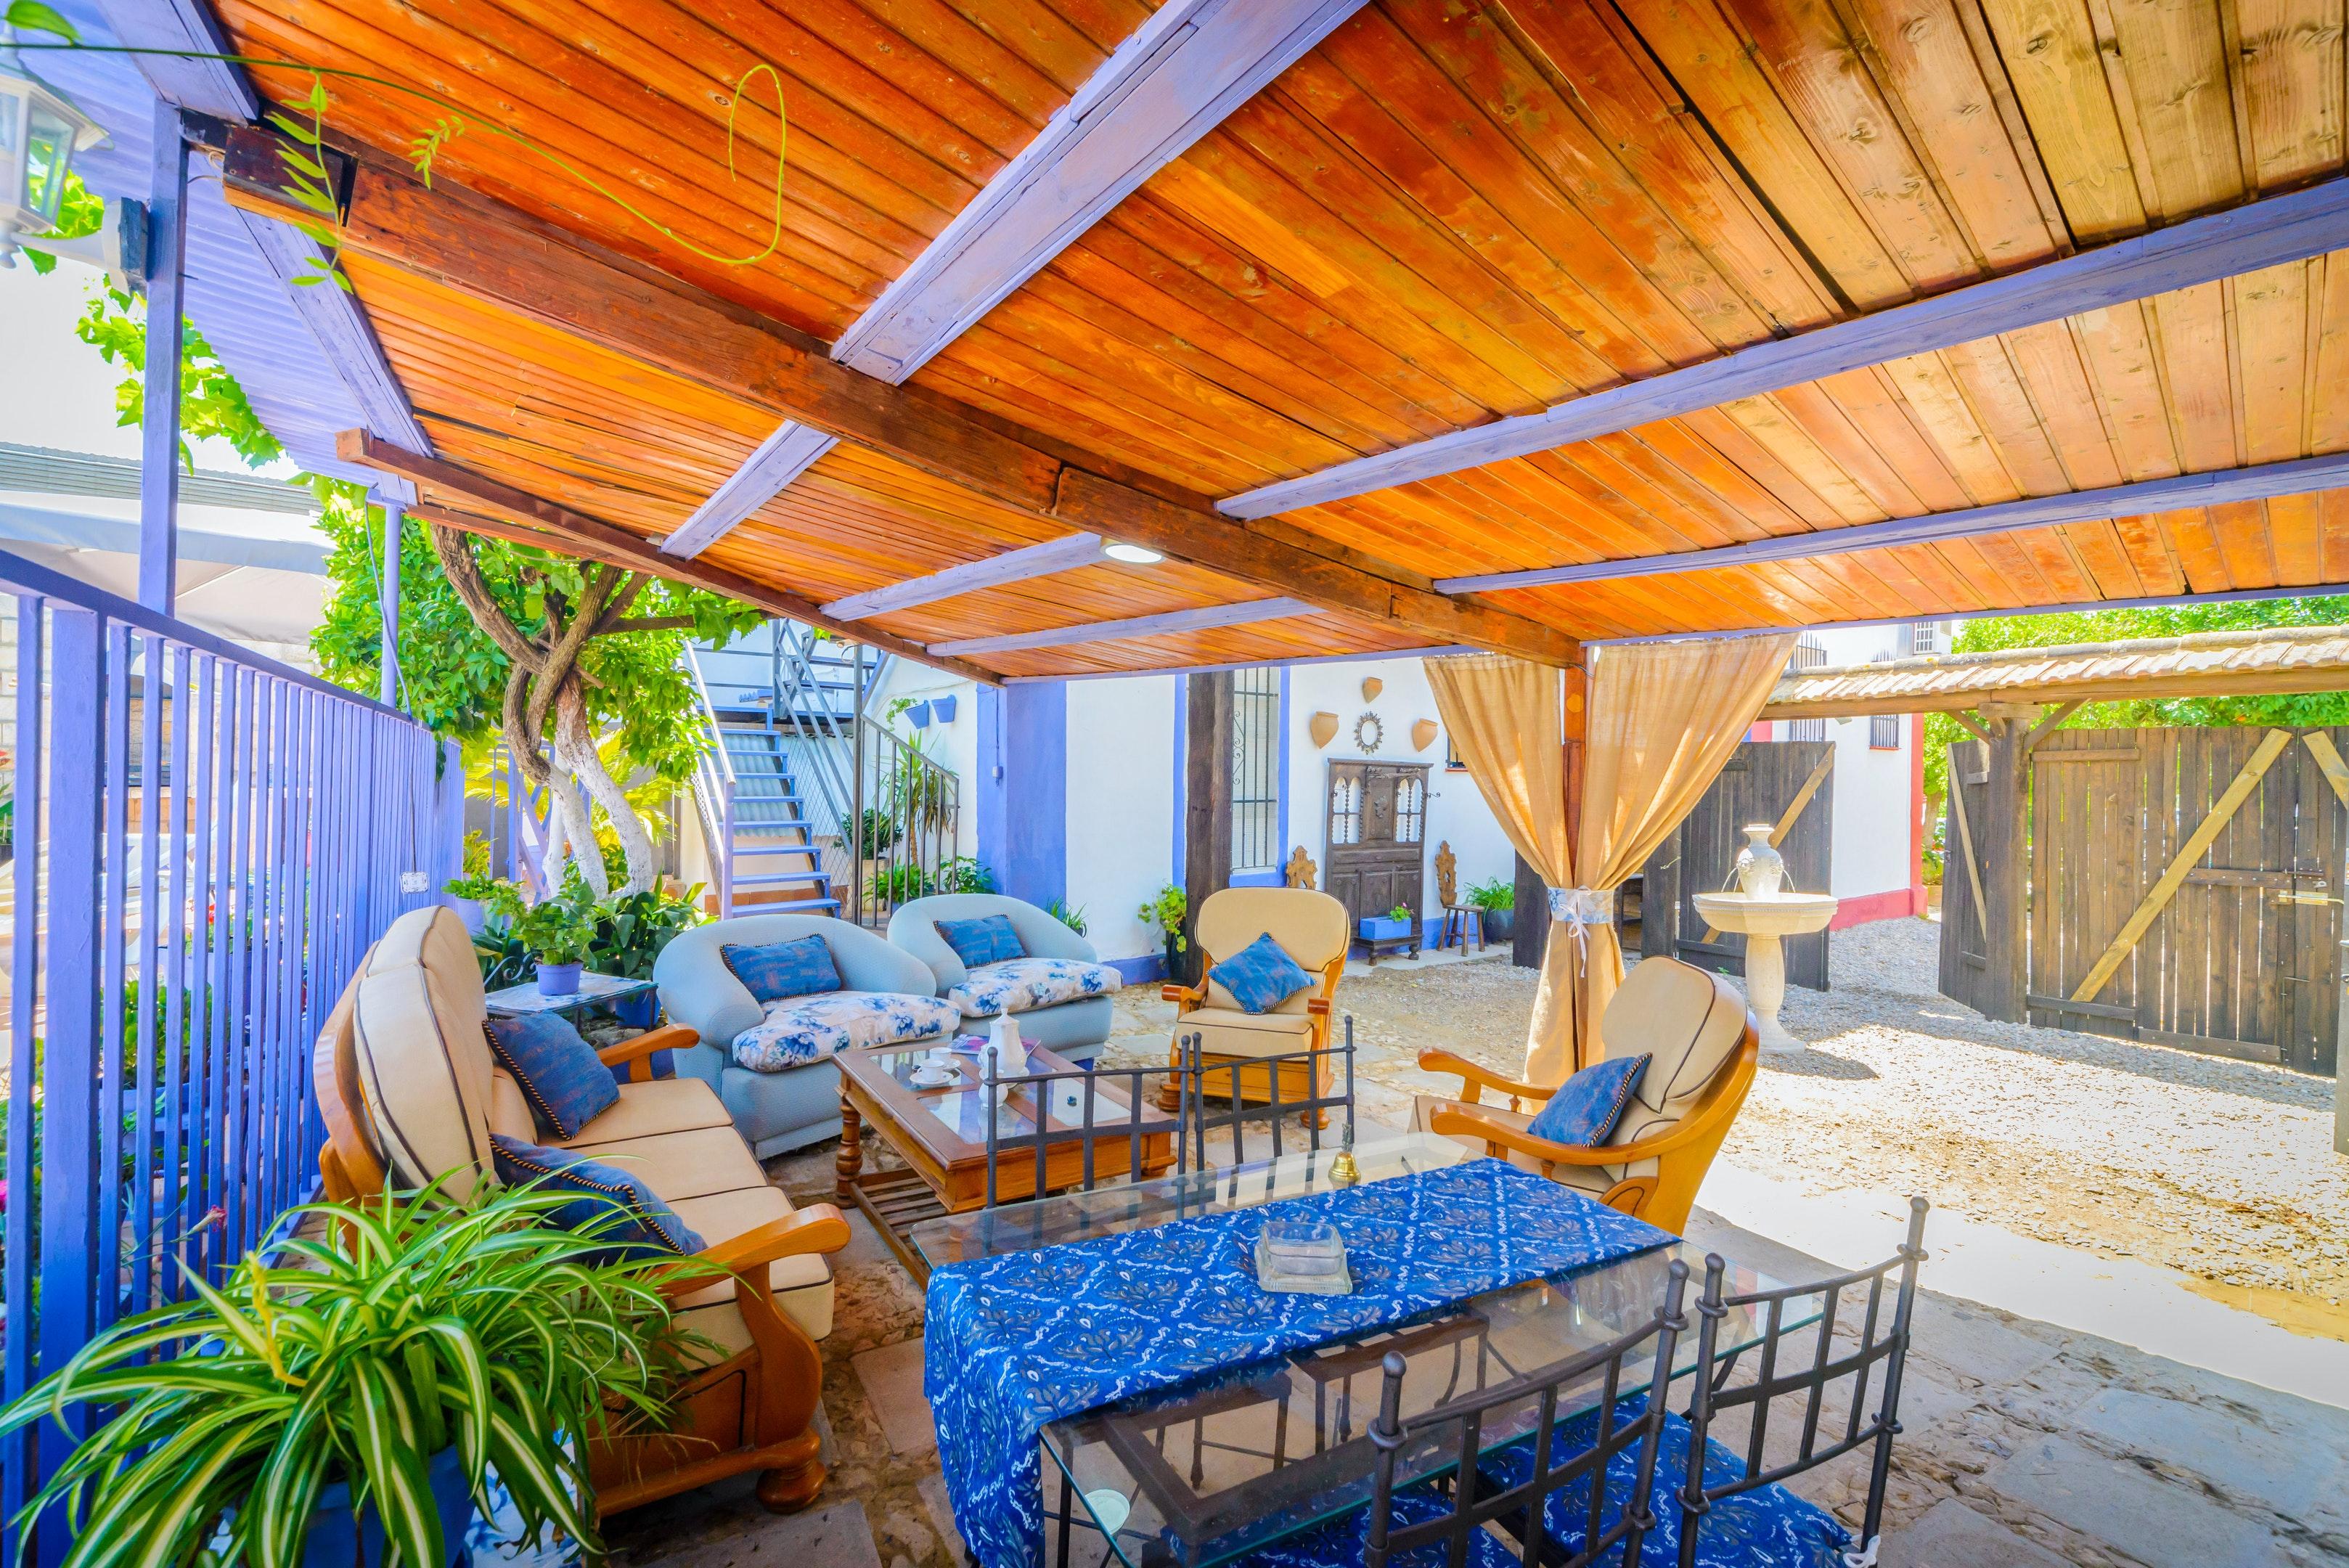 Ferienhaus Villa mit 3 Schlafzimmern in Peñaflor mit privatem Pool, eingezäuntem Garten und W-LAN (2208249), Peñaflor, Sevilla, Andalusien, Spanien, Bild 6